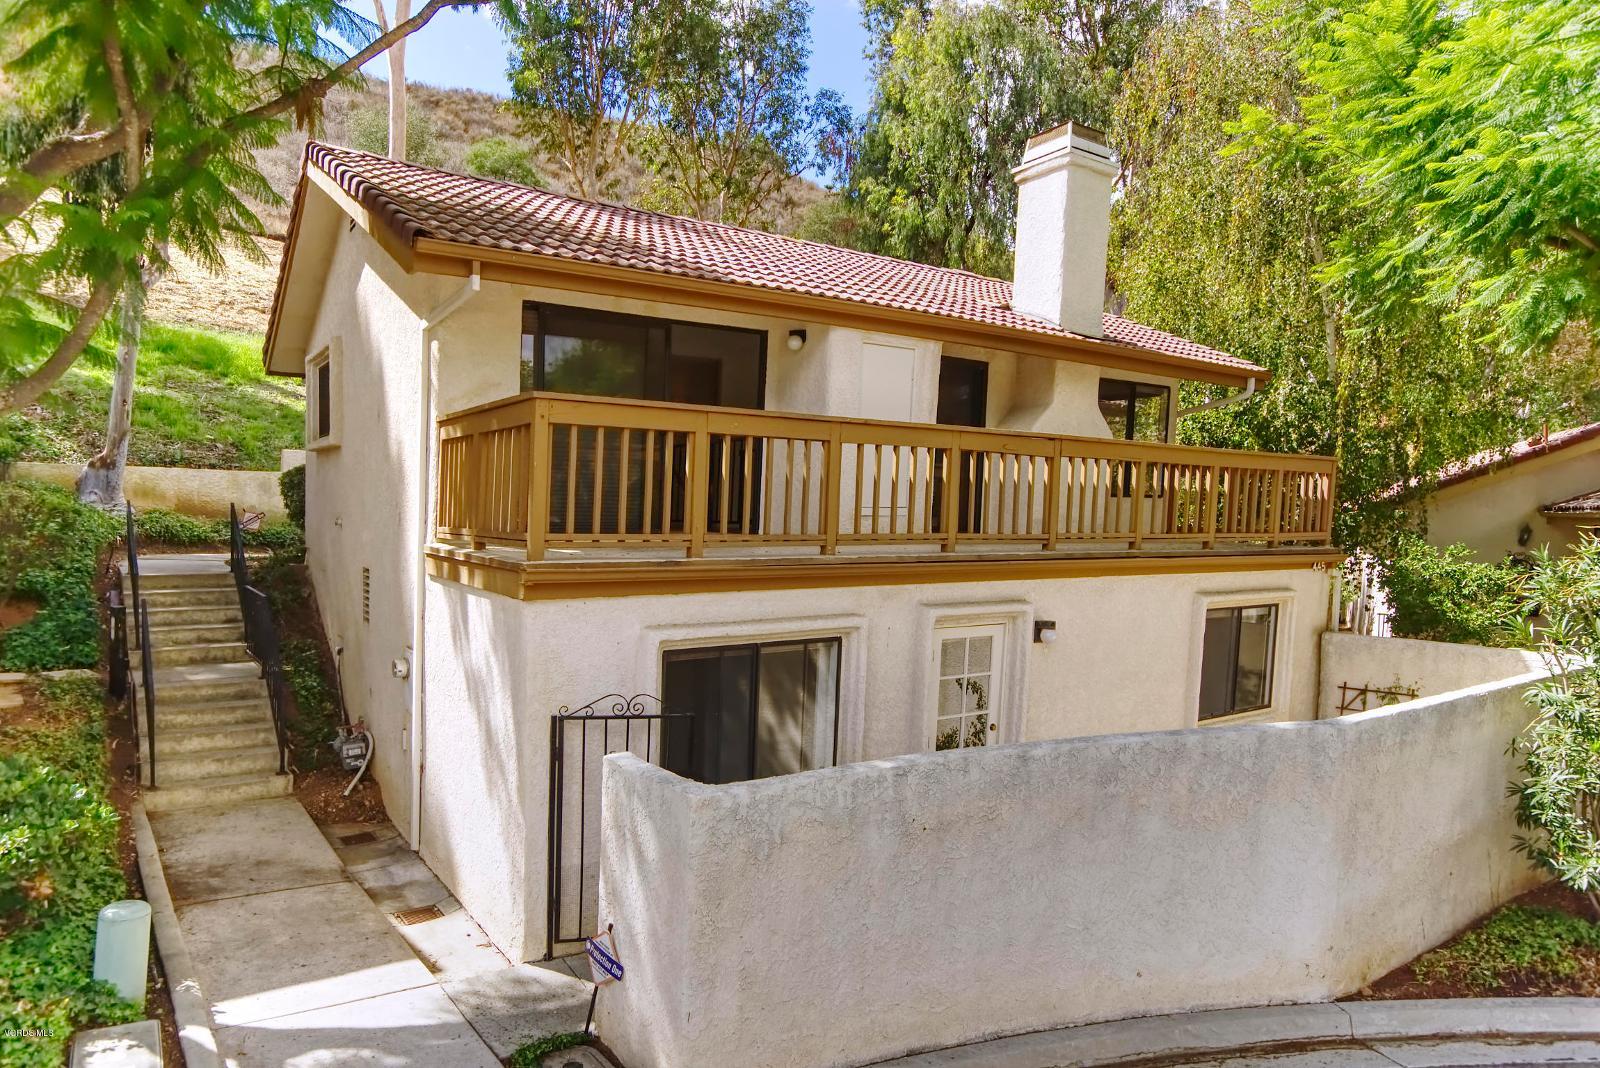 Oak Park Real Estate — Homes for Sale in Oak Park CA — ZipRealty